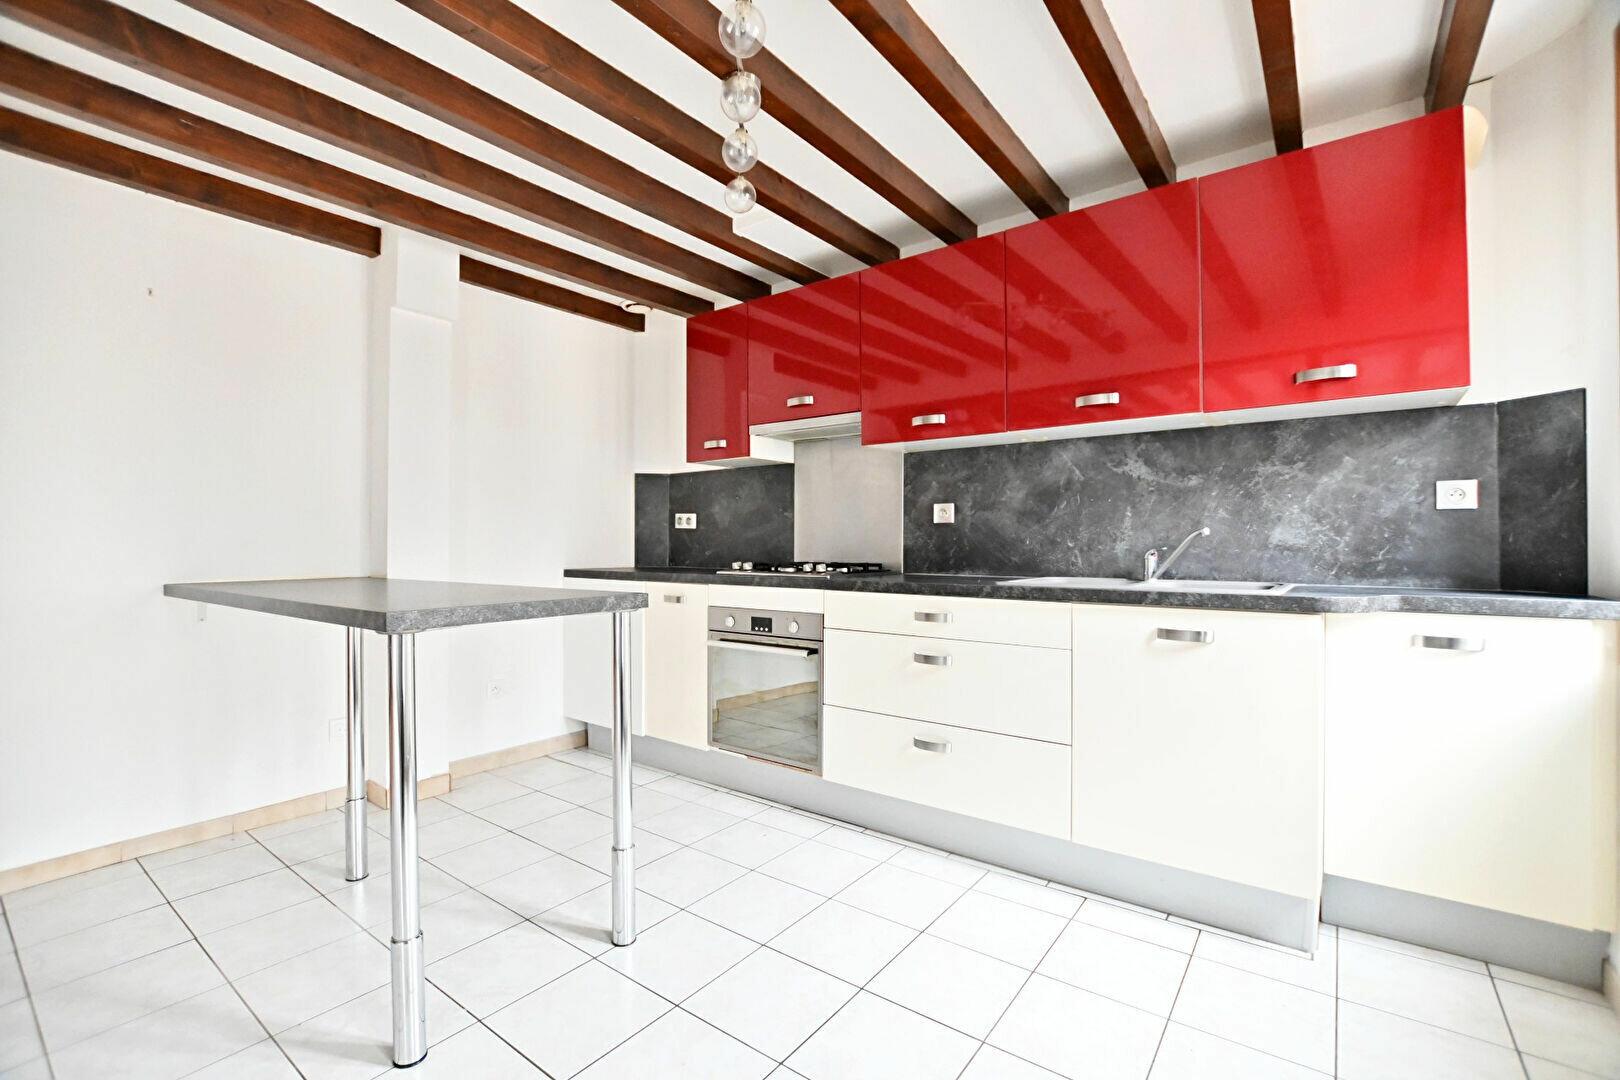 Maison à louer 2 40.9m2 à Abbeville vignette-2